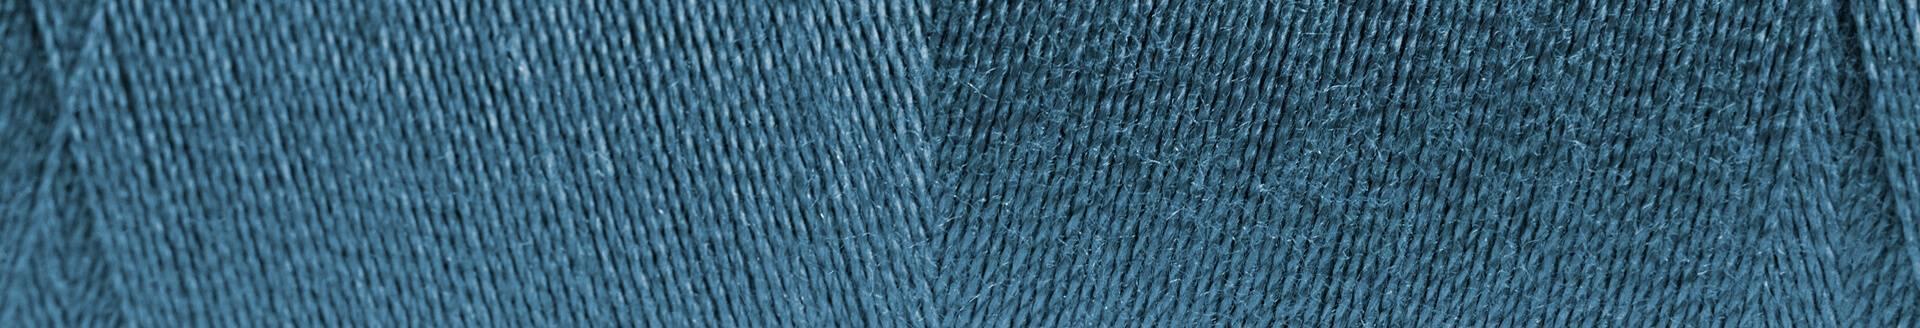 Venta de conos de hilos para bordar 100% algodón COTTY 30 de GUNOLD